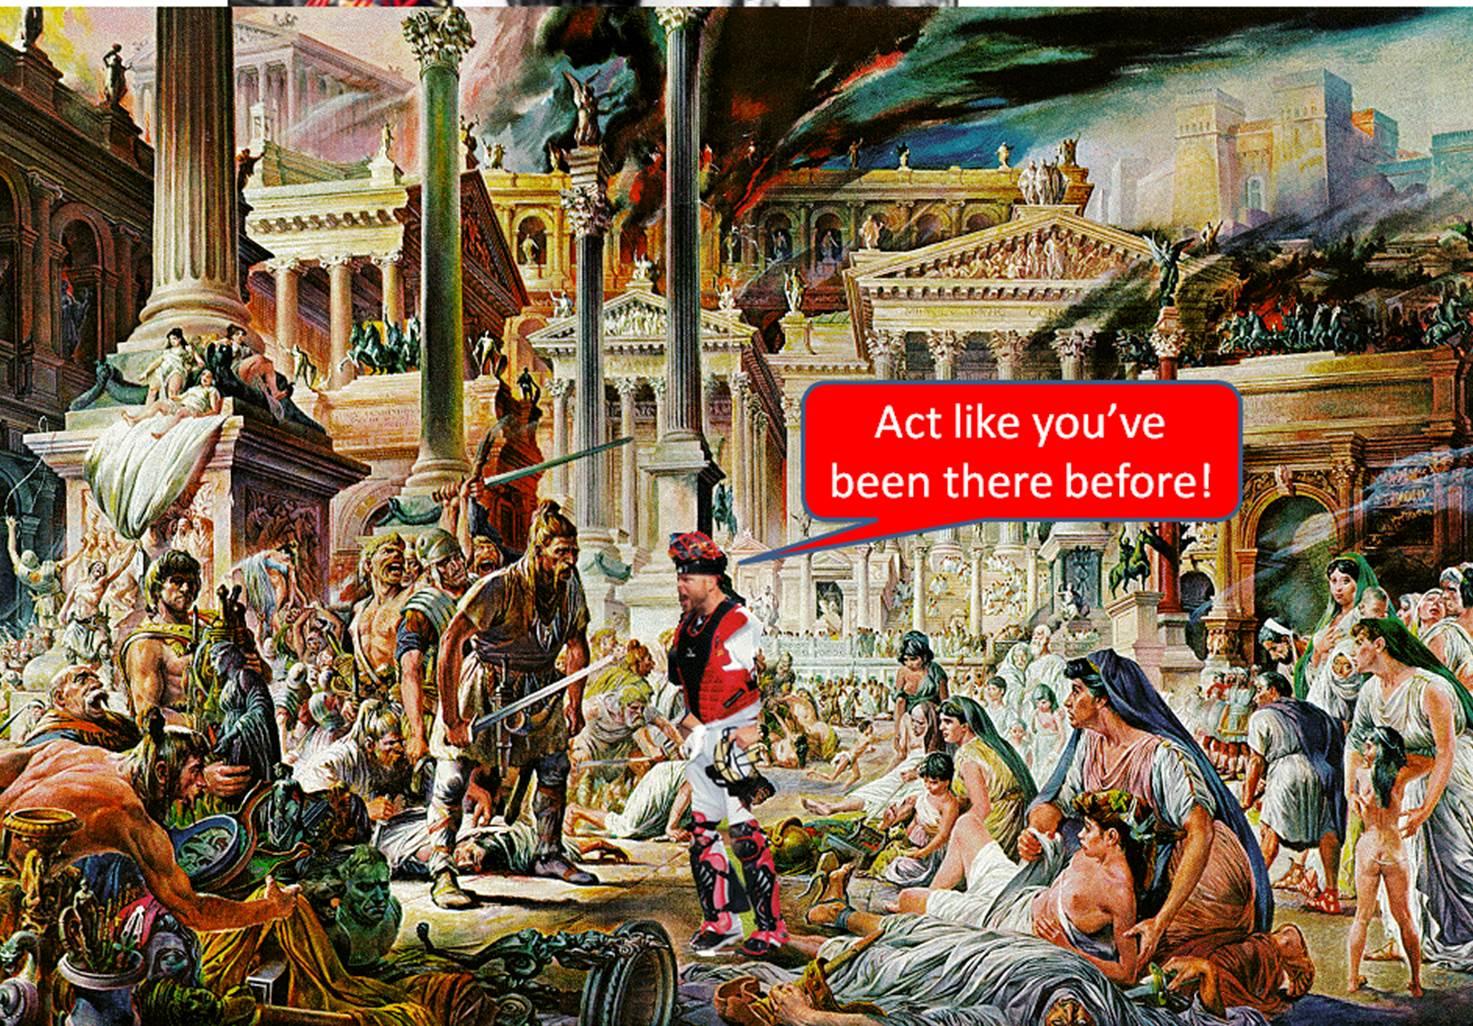 Sacking Rome